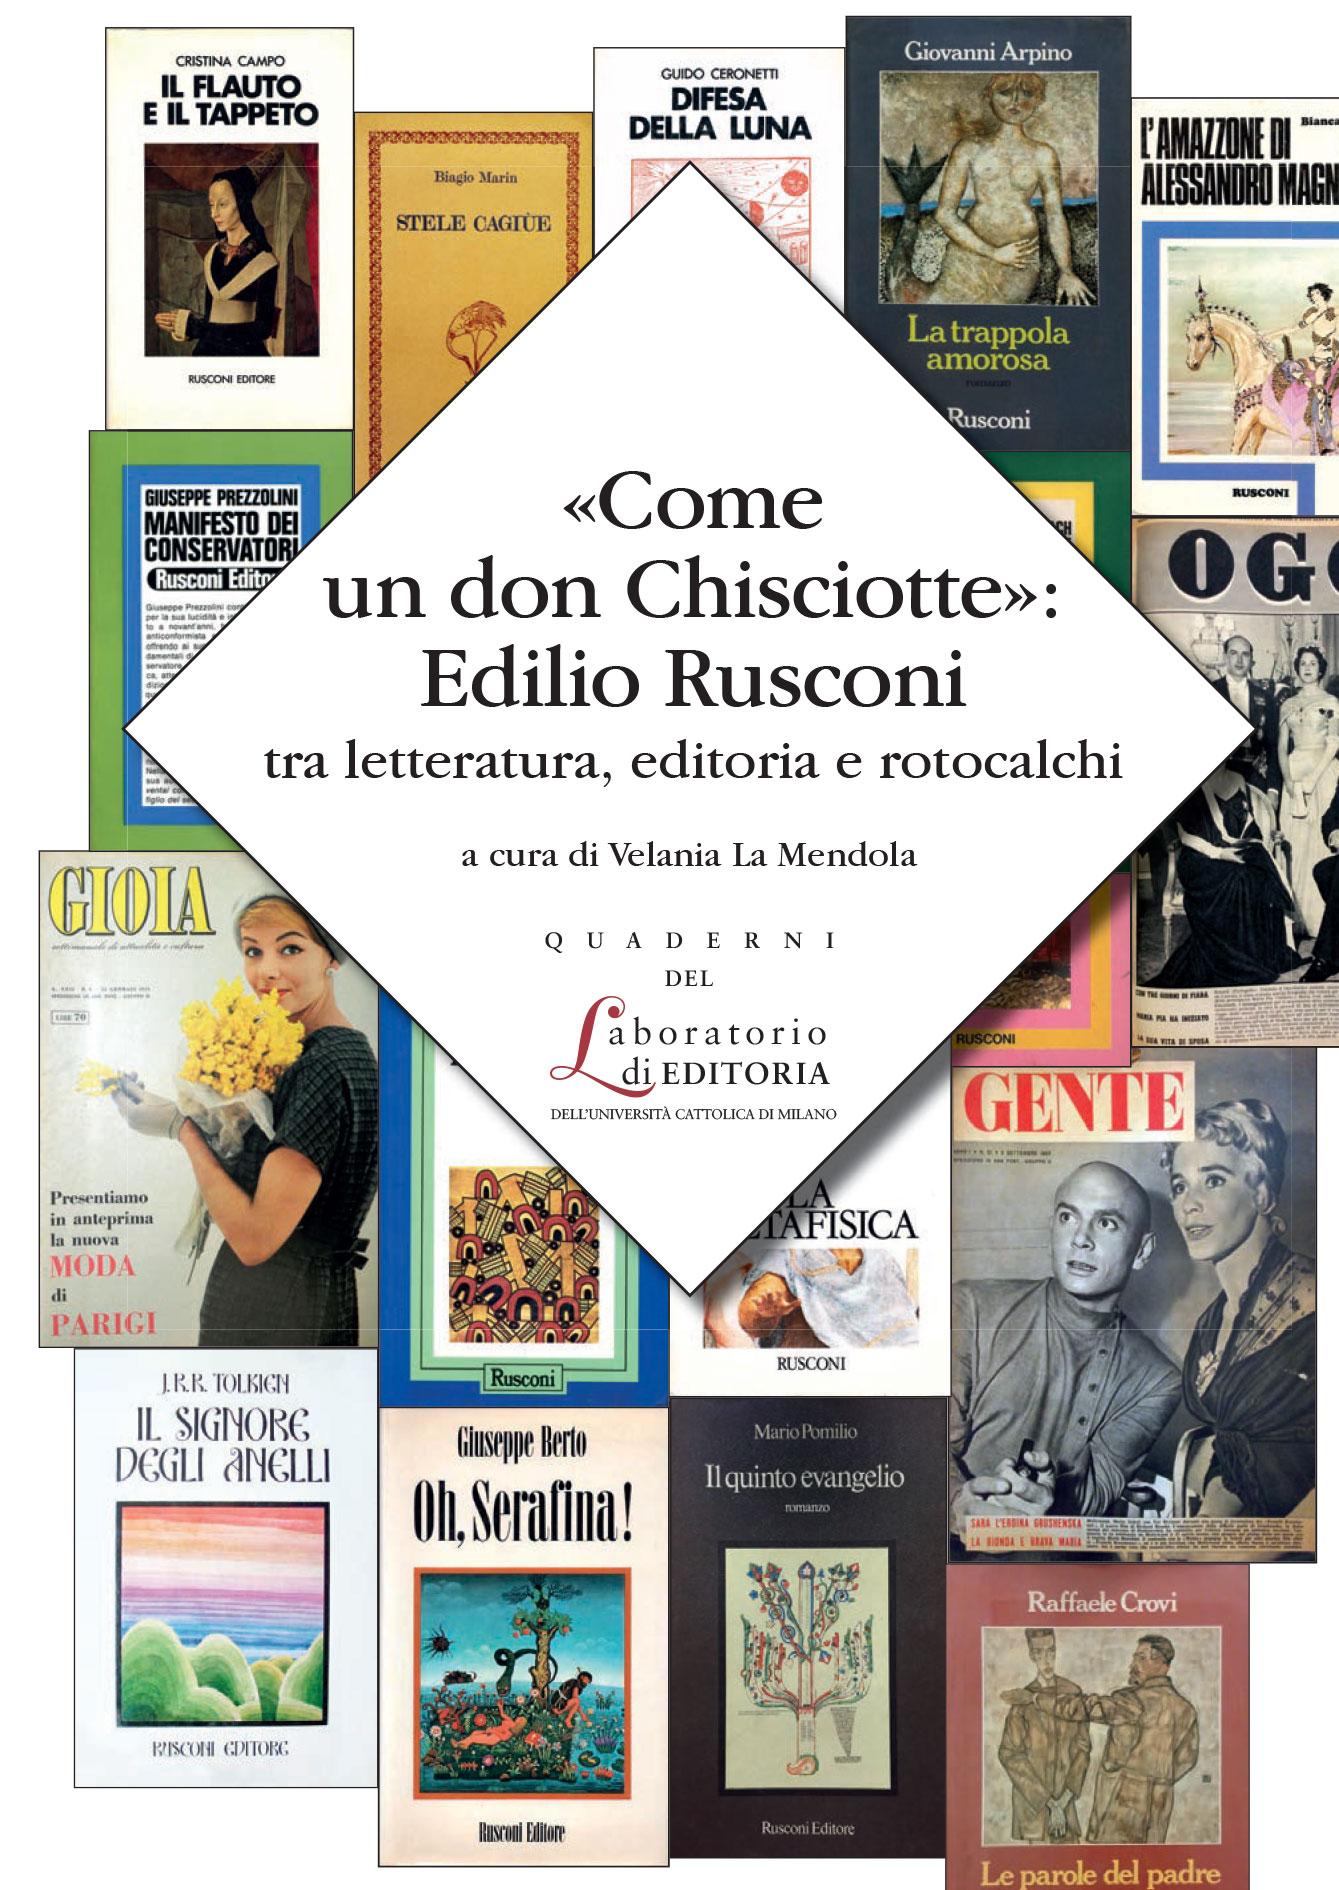 COME UN DON CHISCIOTTE: EDILIO RUSCONI TRA LETTERATURA, EDITORIA E ROTOCALCHI. QUADERNI QUALE 22